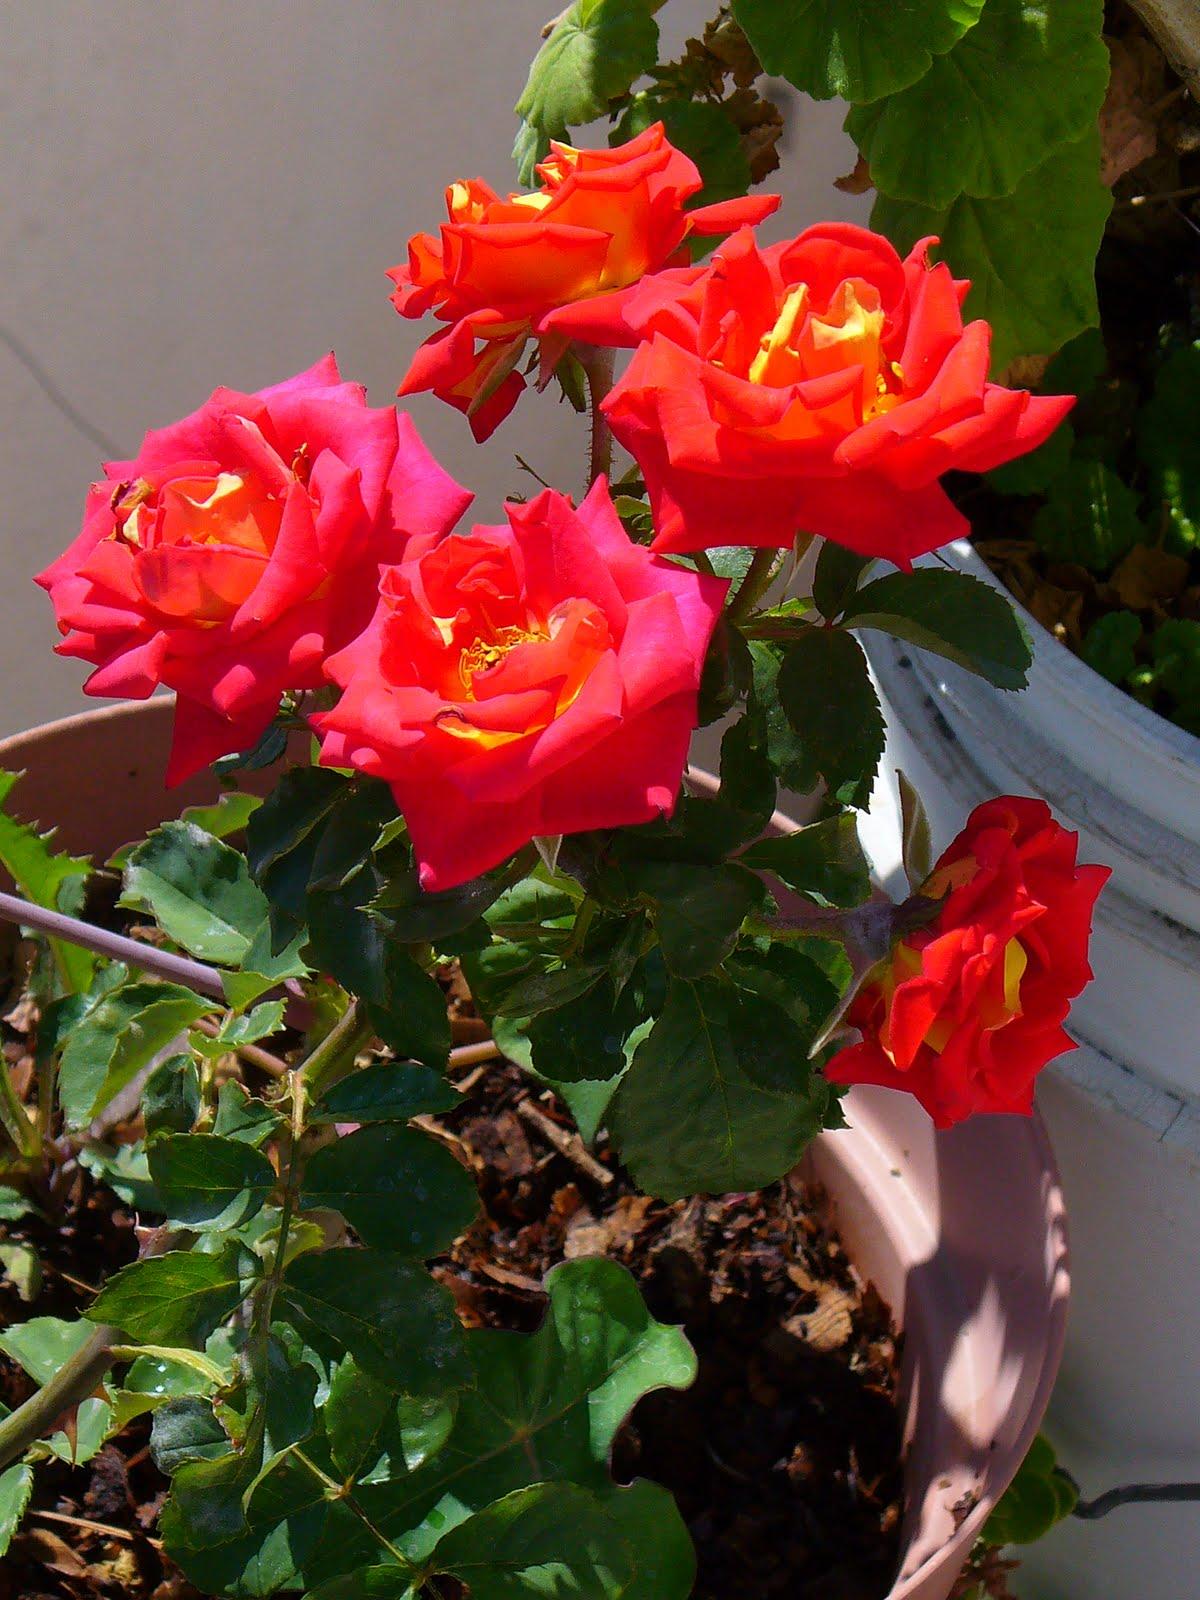 Poesia adios mi jardin querido for Adios jardin querido